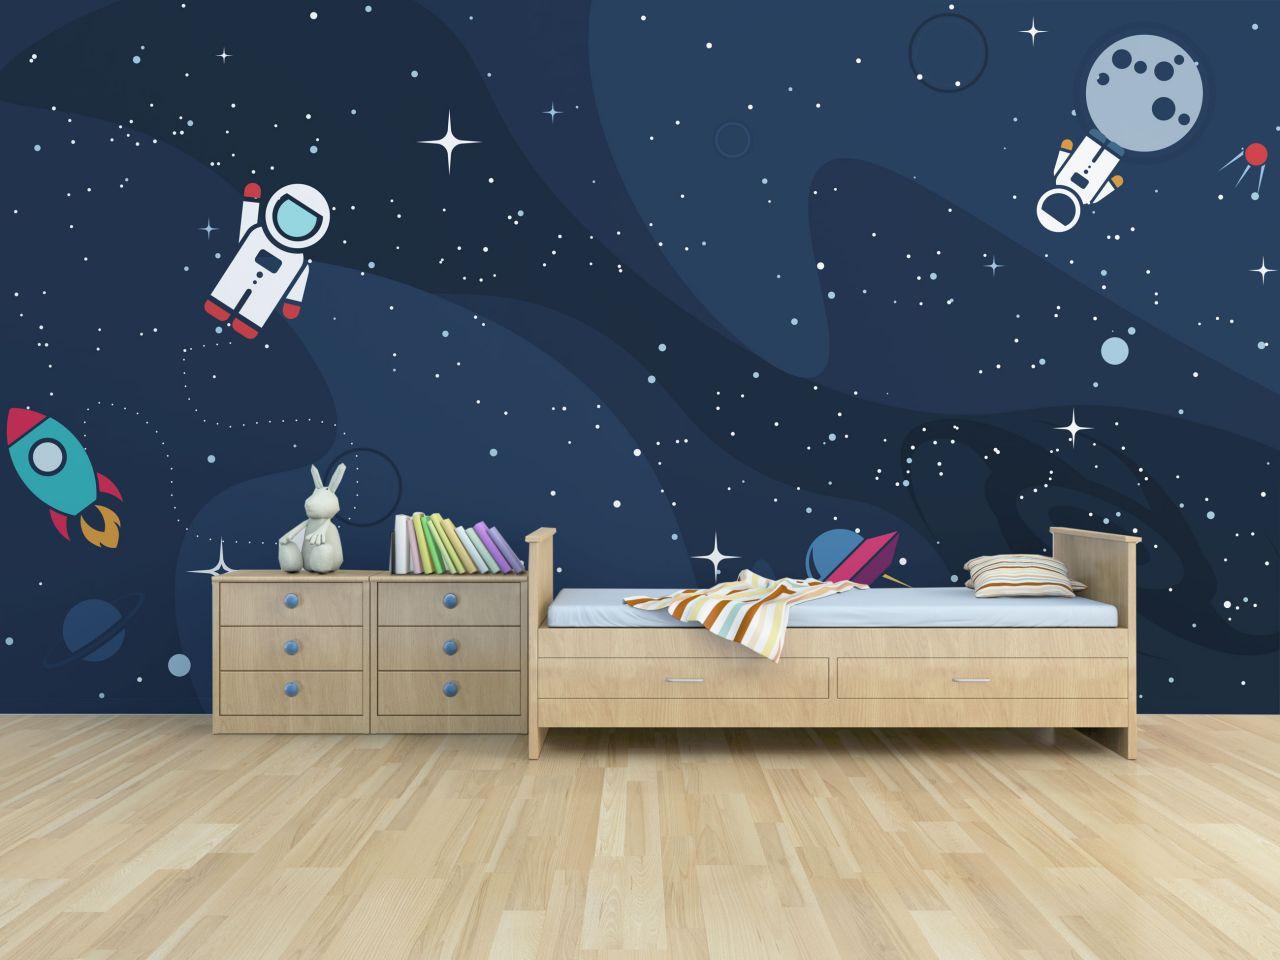 טפט טיסה לחלל